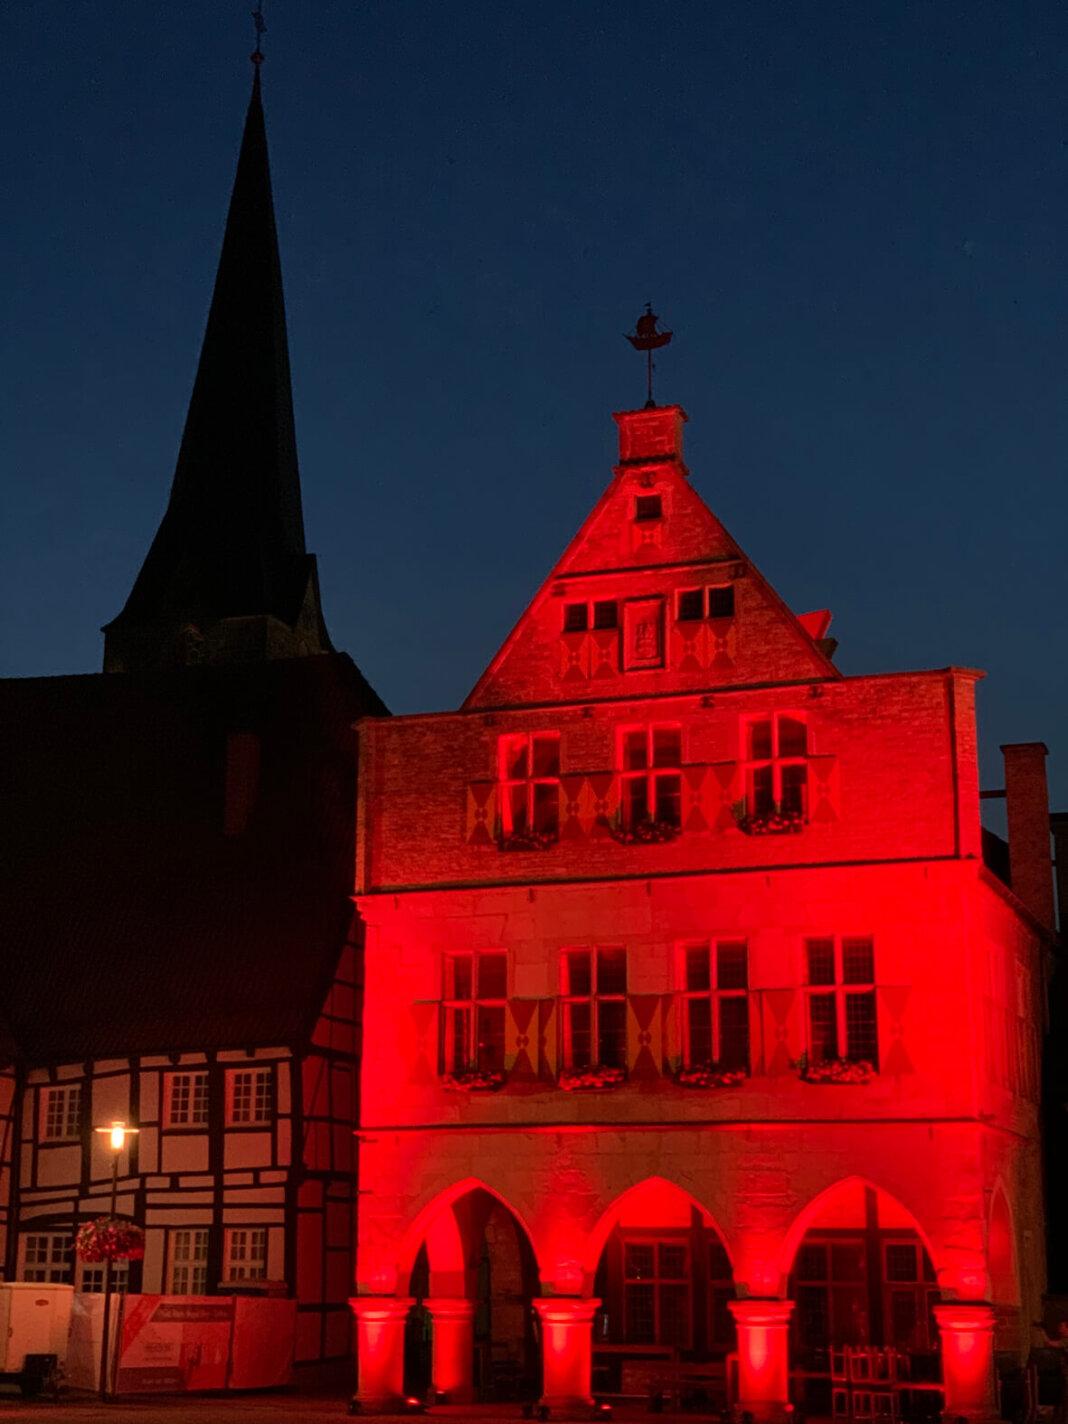 Das Alte Rathaus wurde gestern am späten Abend rot illuminiert. Foto: Hubert Kramer